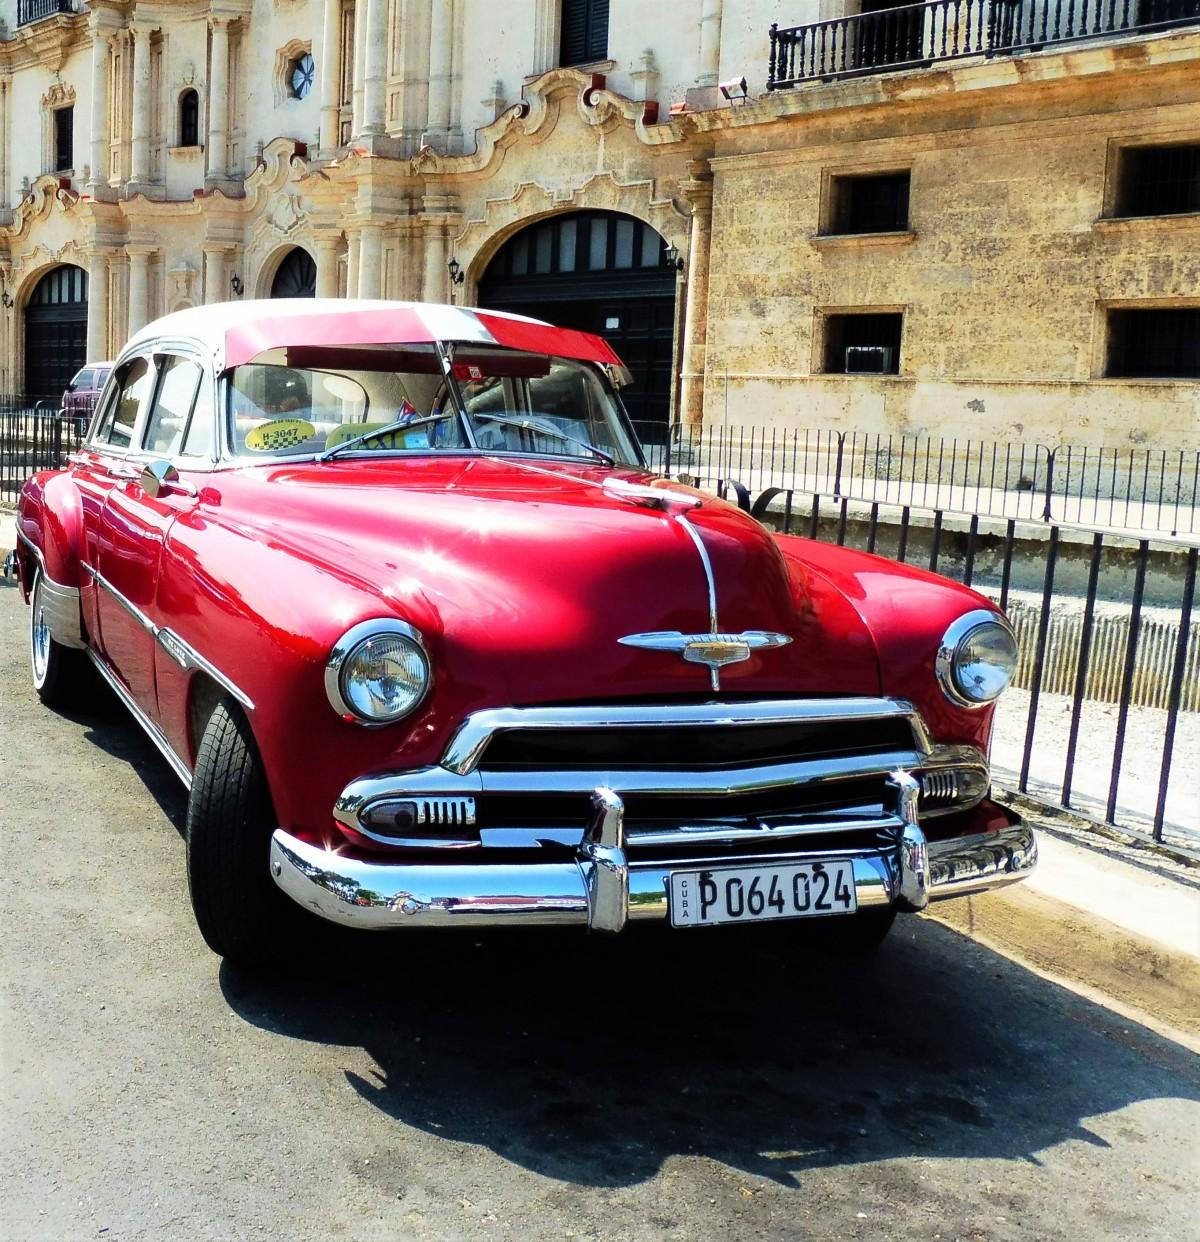 Chevrolet Car Wallpaper: Banco De Imagens : Carro, Vermelho, Veículo, Auto, Carro